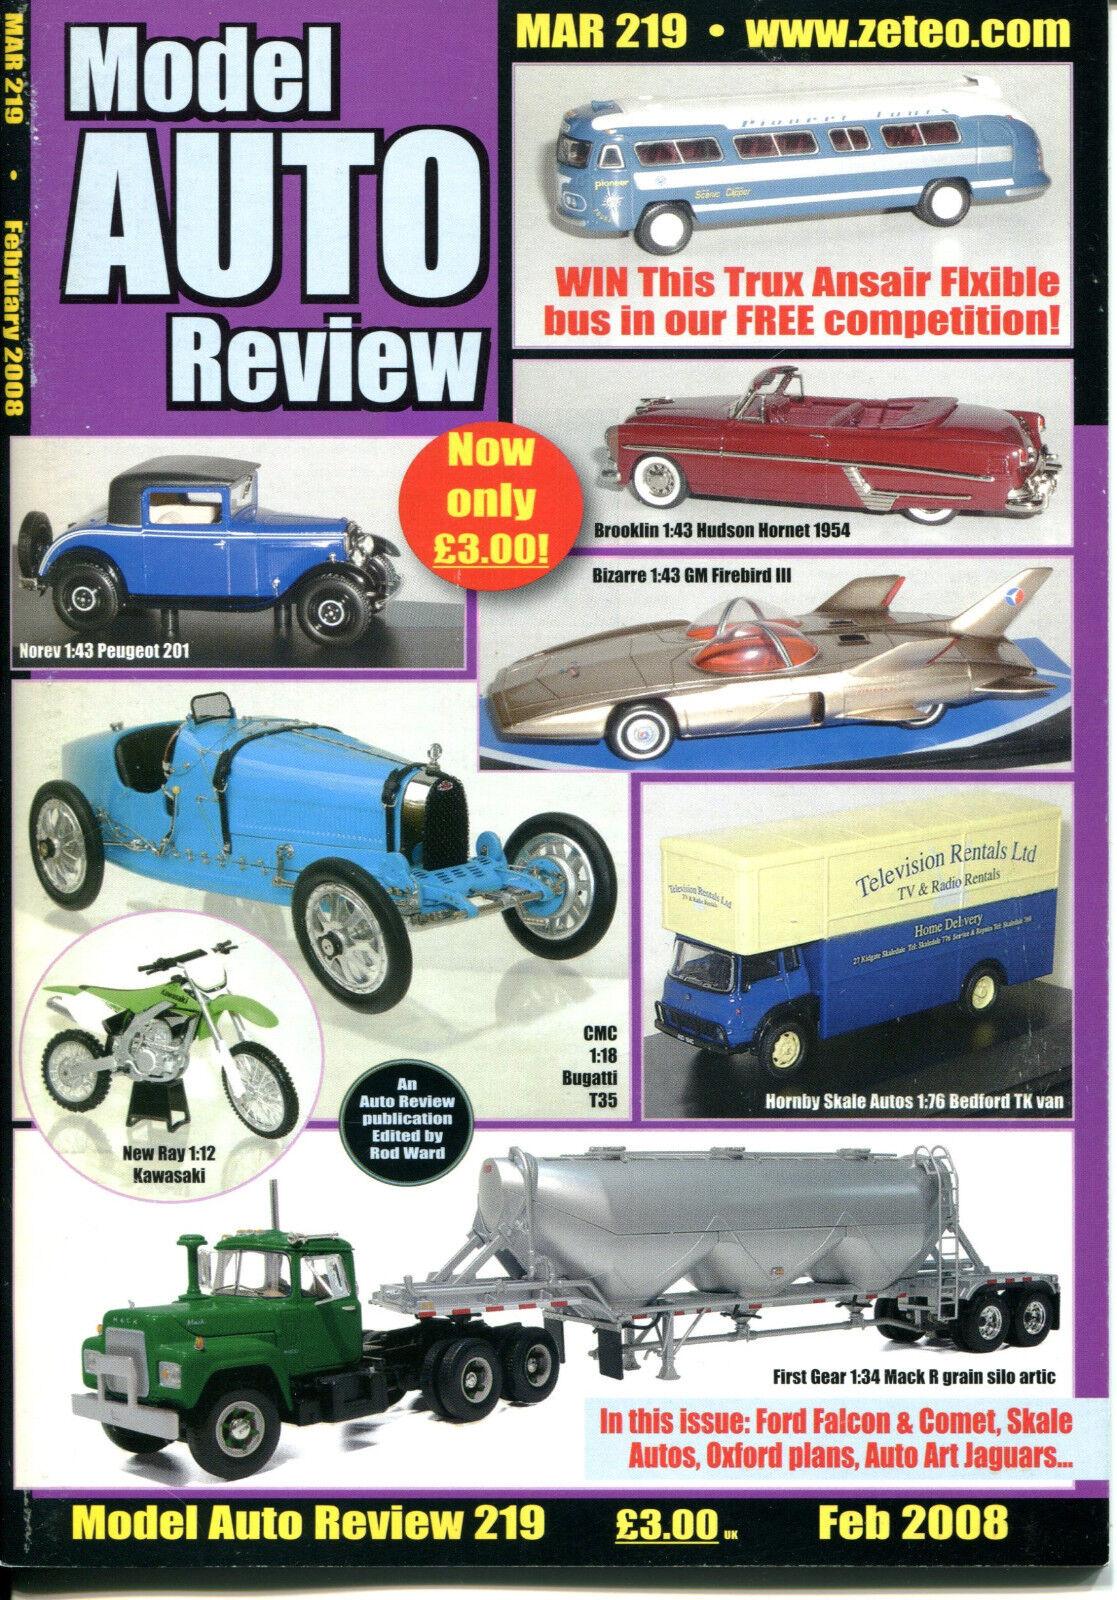 modello AUTO REVIEW (MAR) Magazine (2008) specialee Bundle Offer  - 10 nuovo ISSUES   promozioni eccitanti